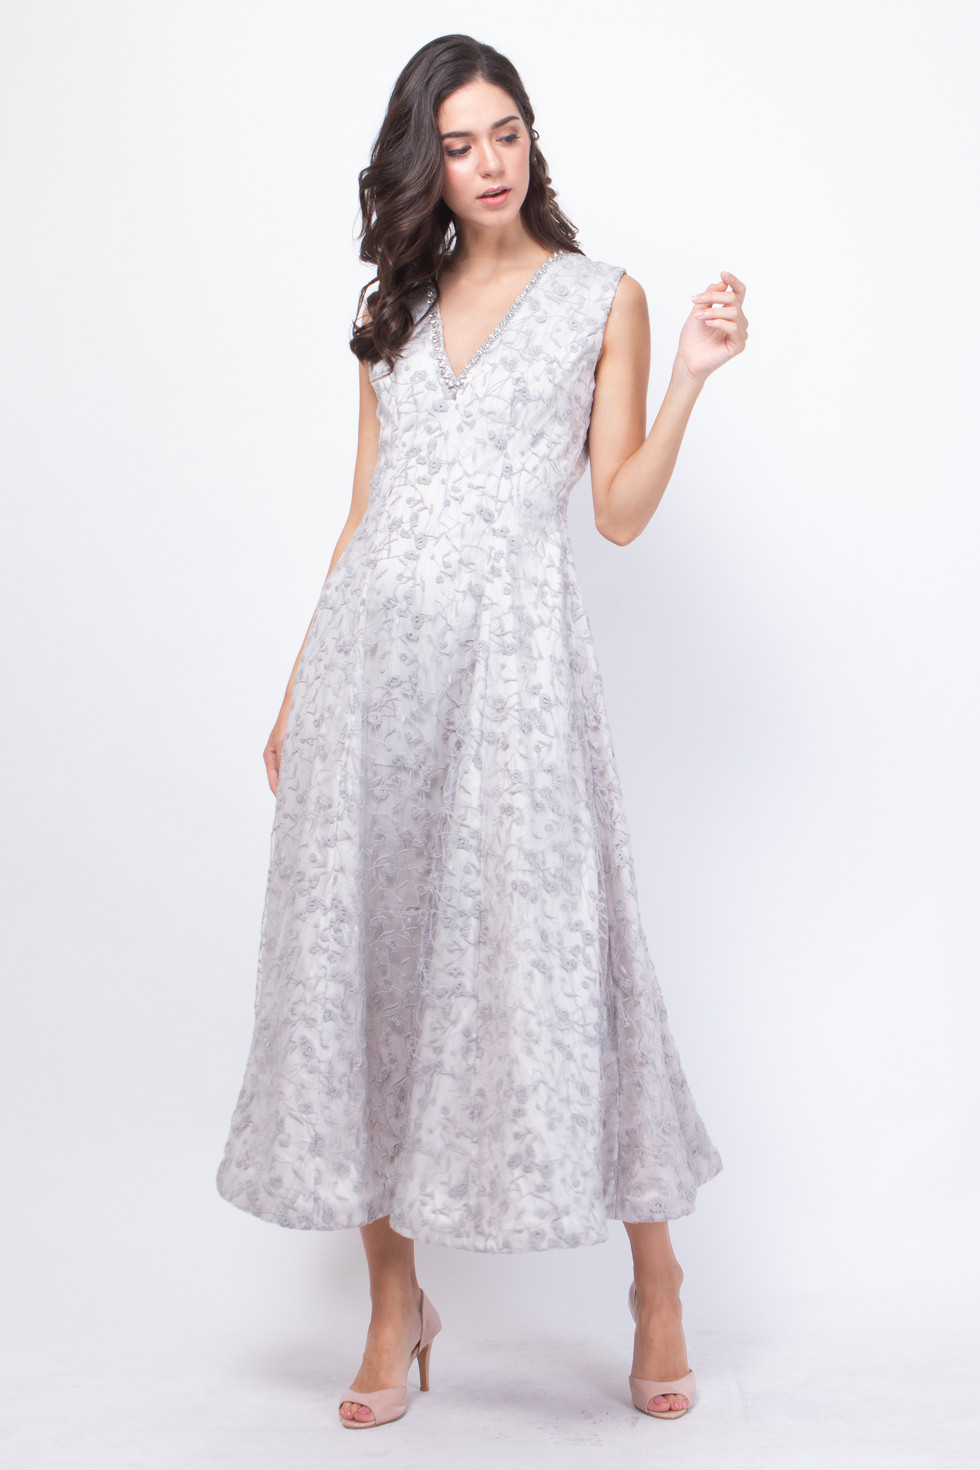 Cara Untuk Mendapatkan Dress yang Cantik dan Ideal